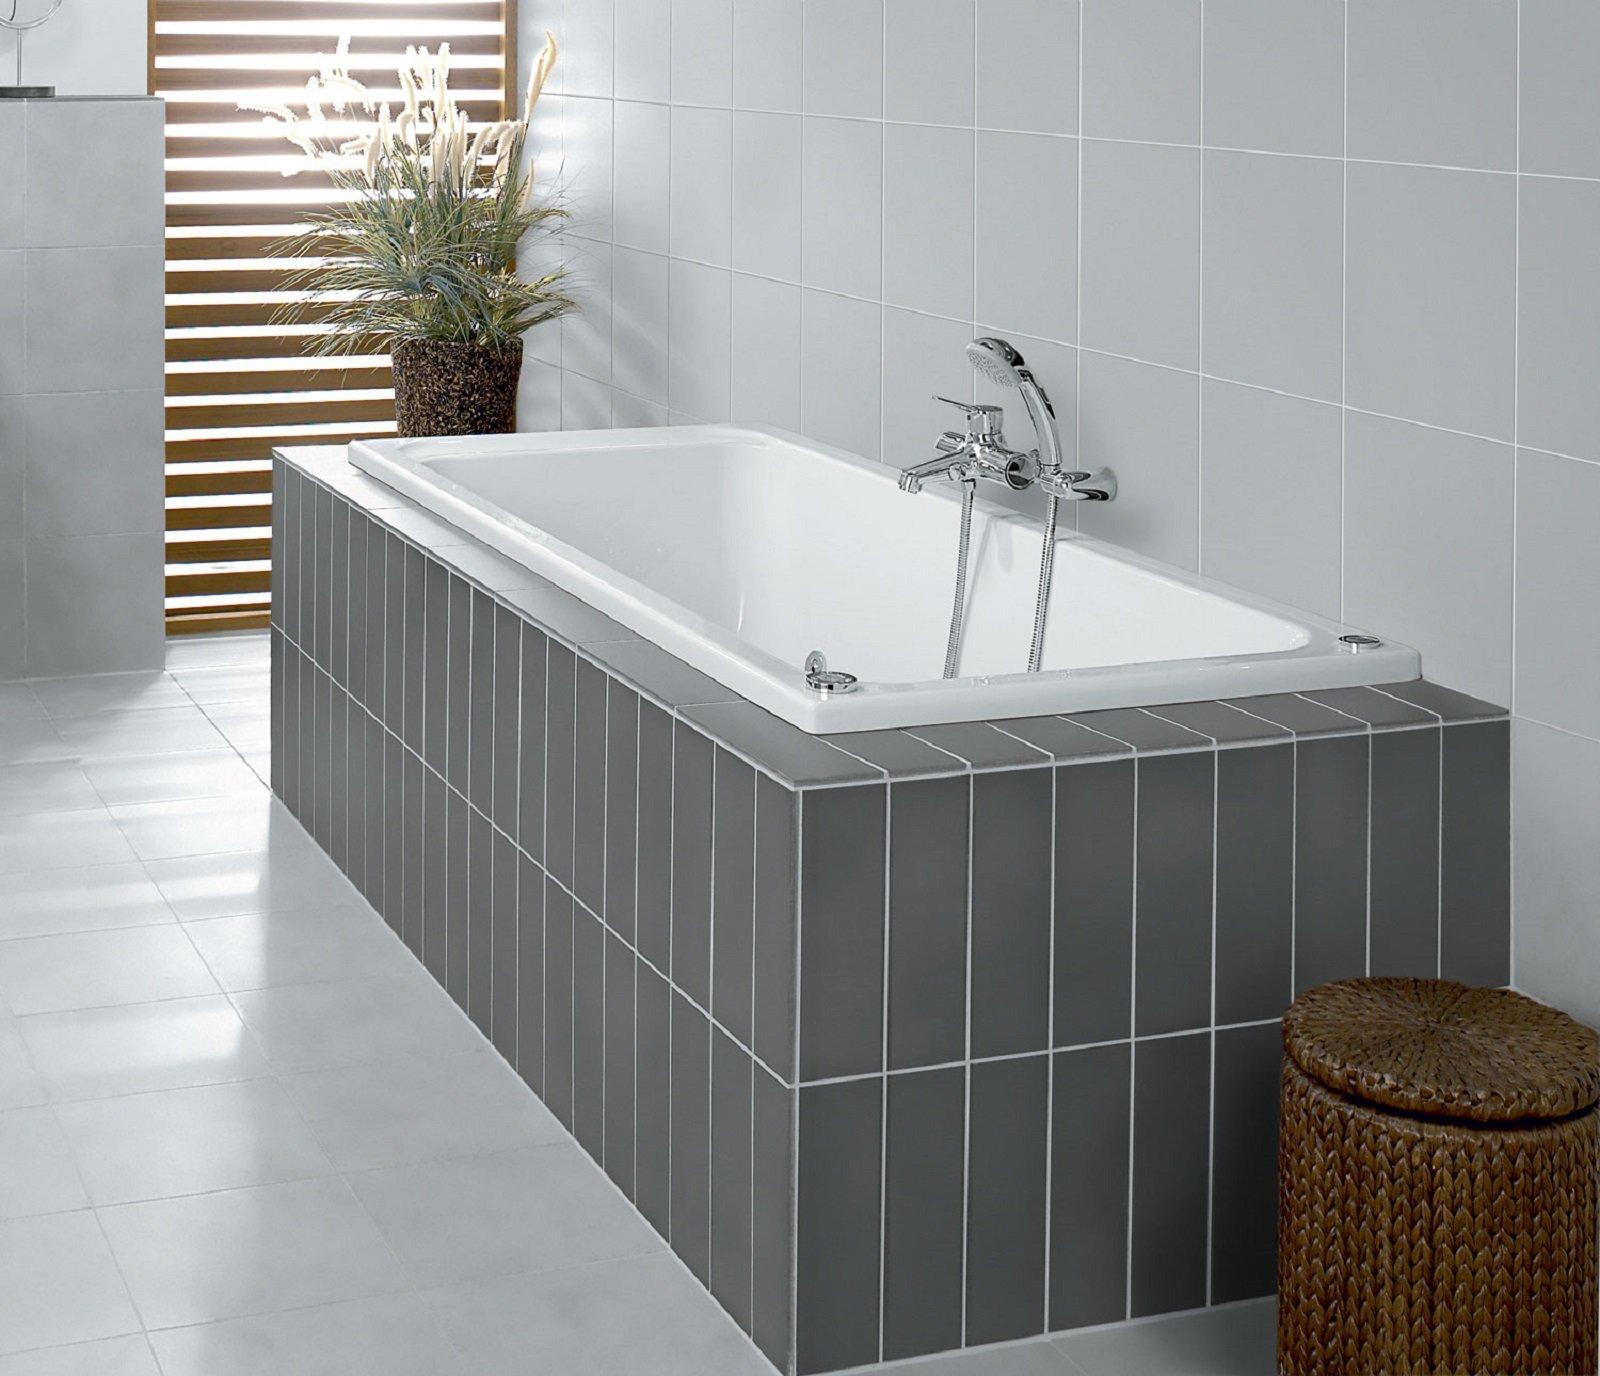 Vasche piccole dalle dimensioni compatte e svariate misure - Vasca da bagno villeroy e boch ...